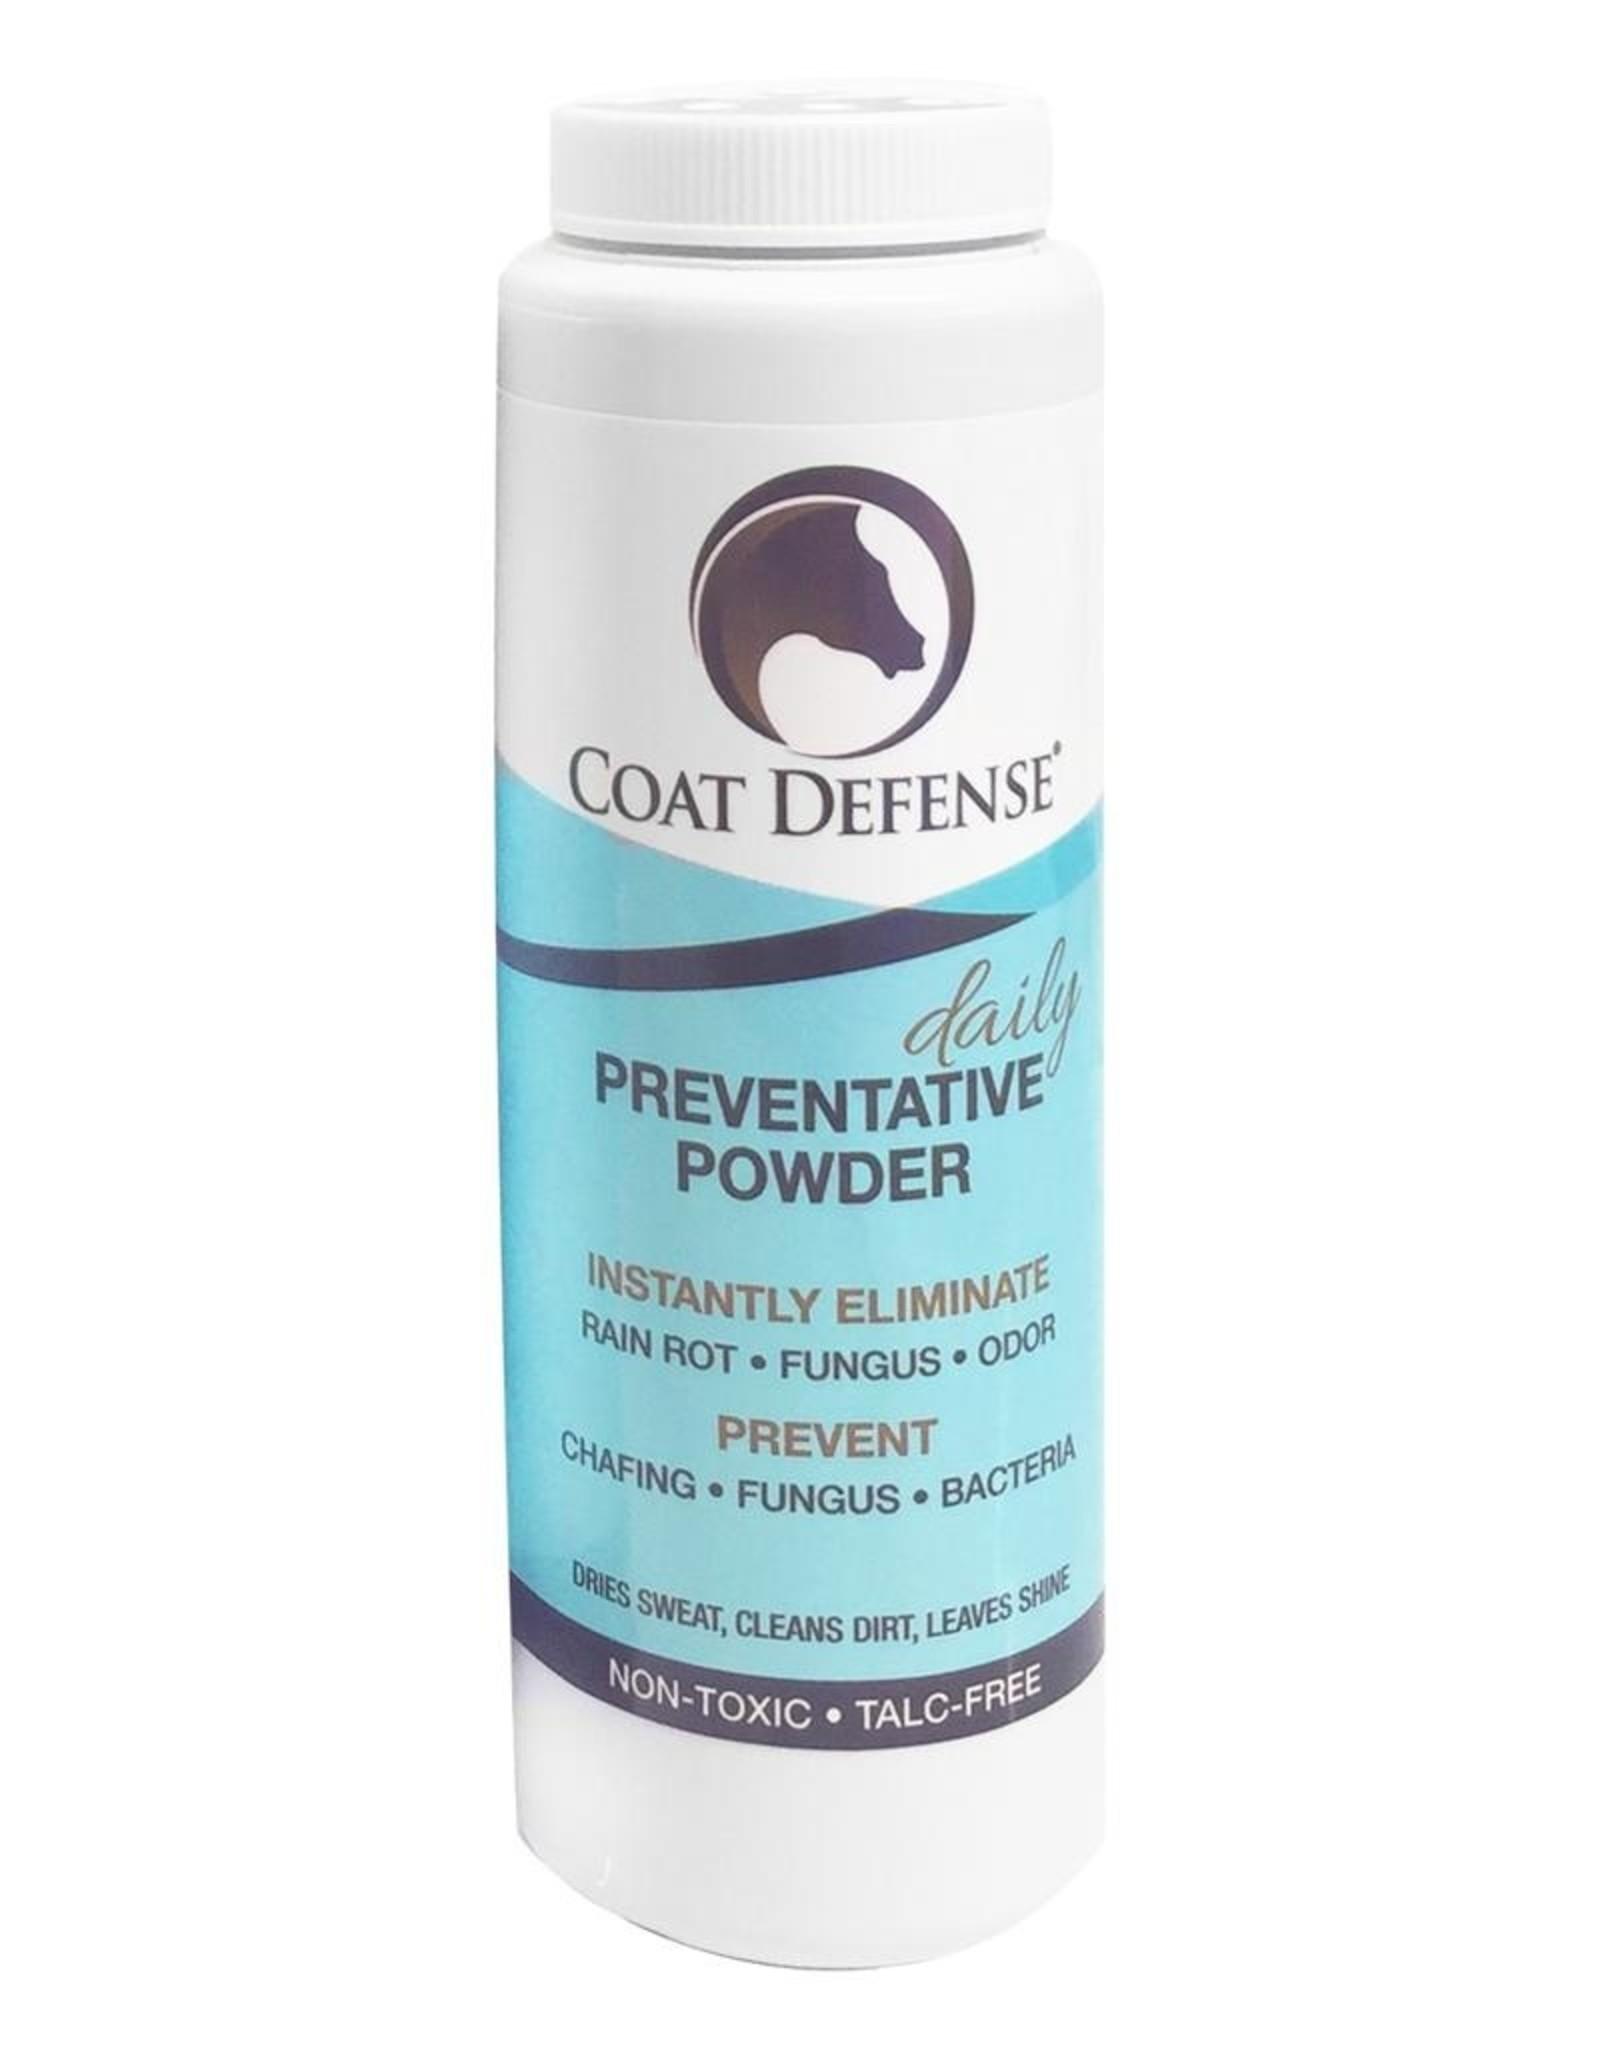 CoatDefense Coat Defense Preventative Powder - 8oz